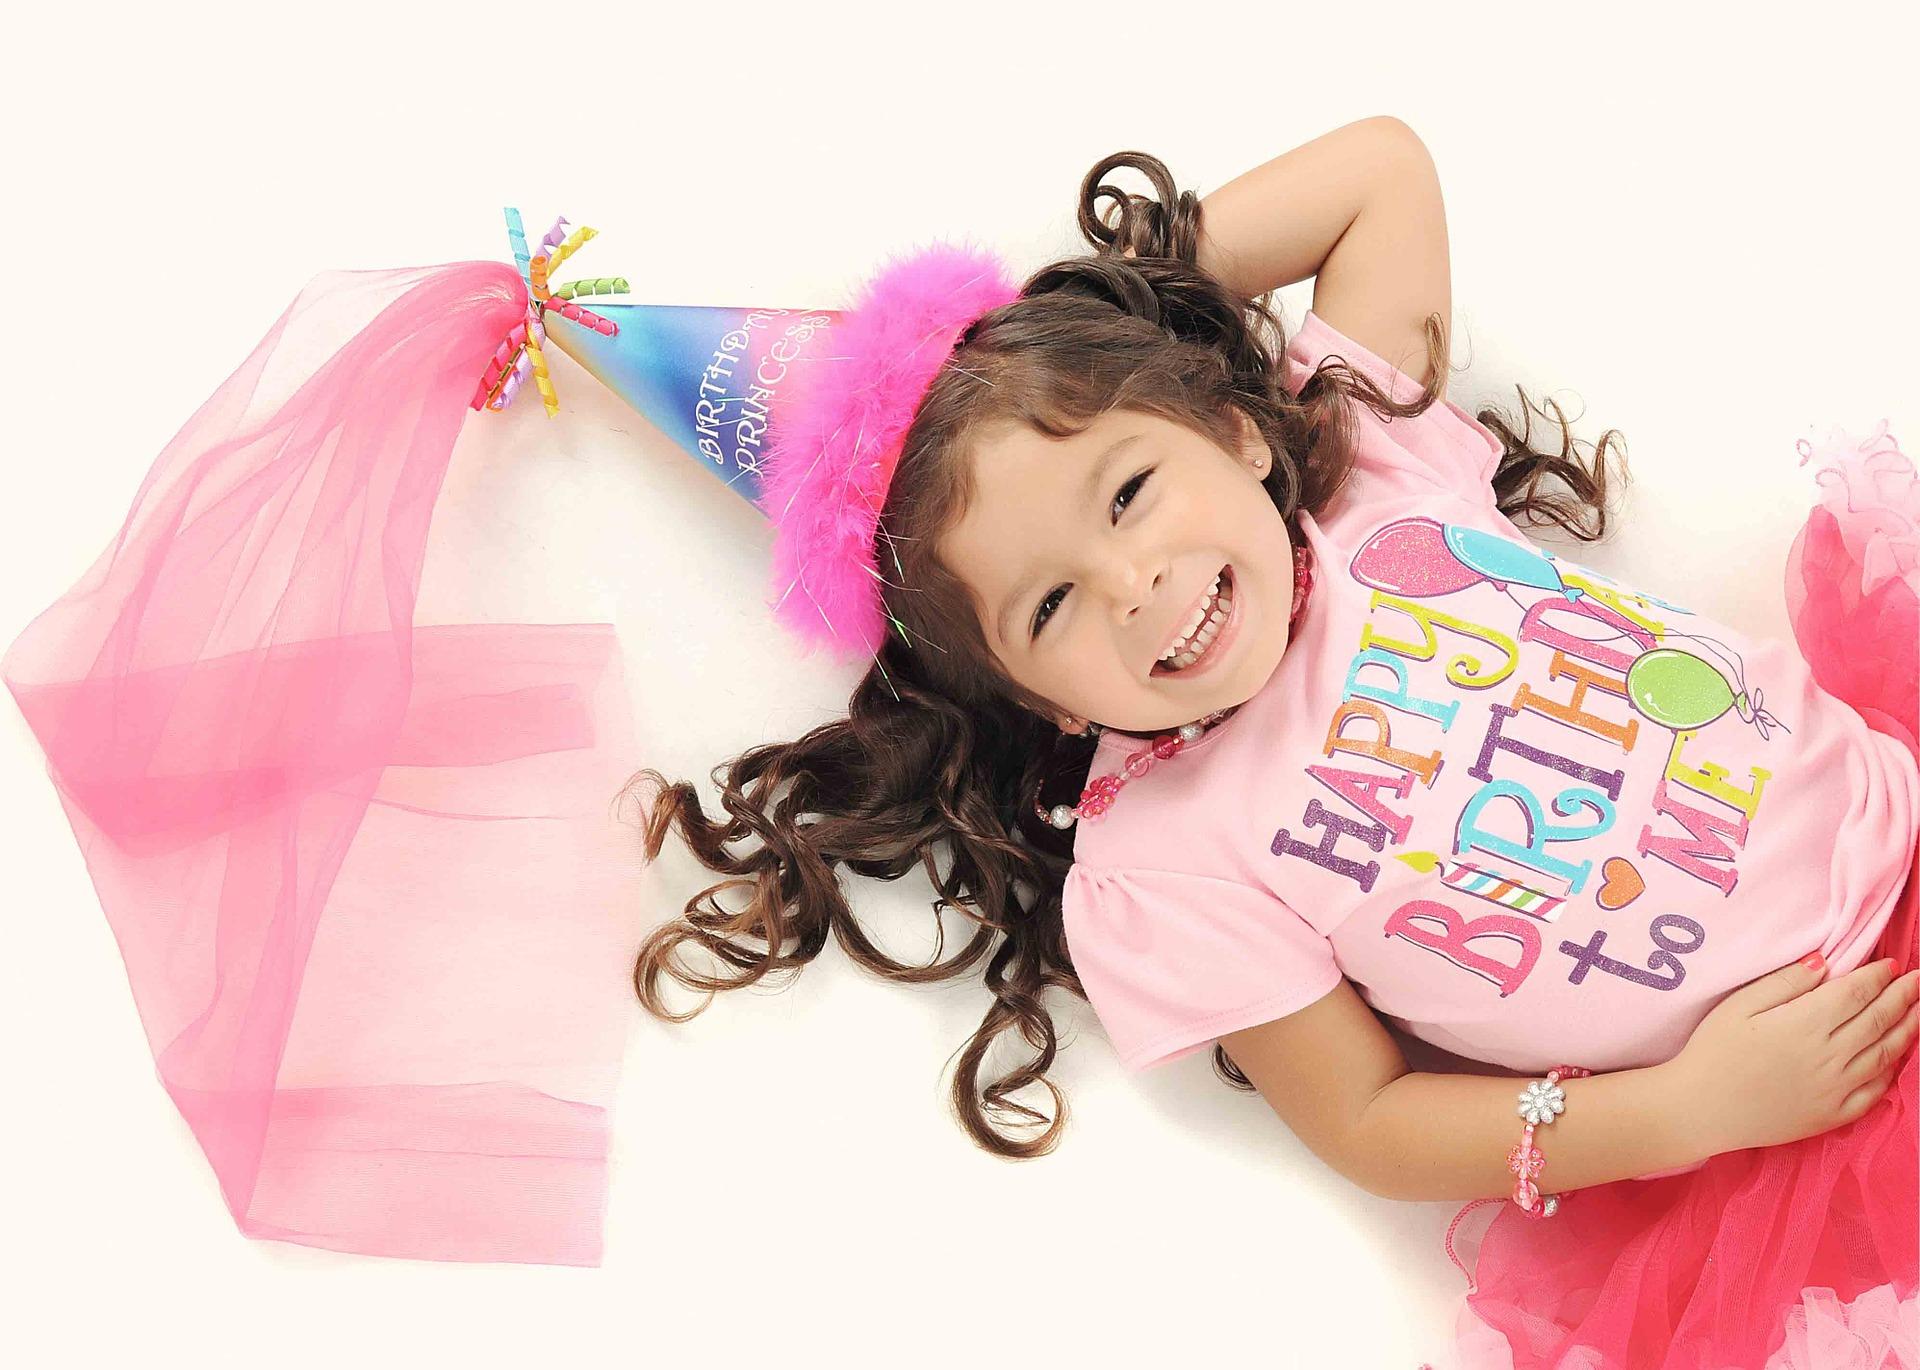 איך לארגן יום הולדת בגן עם ילדים שסובלים מאלרגיות?